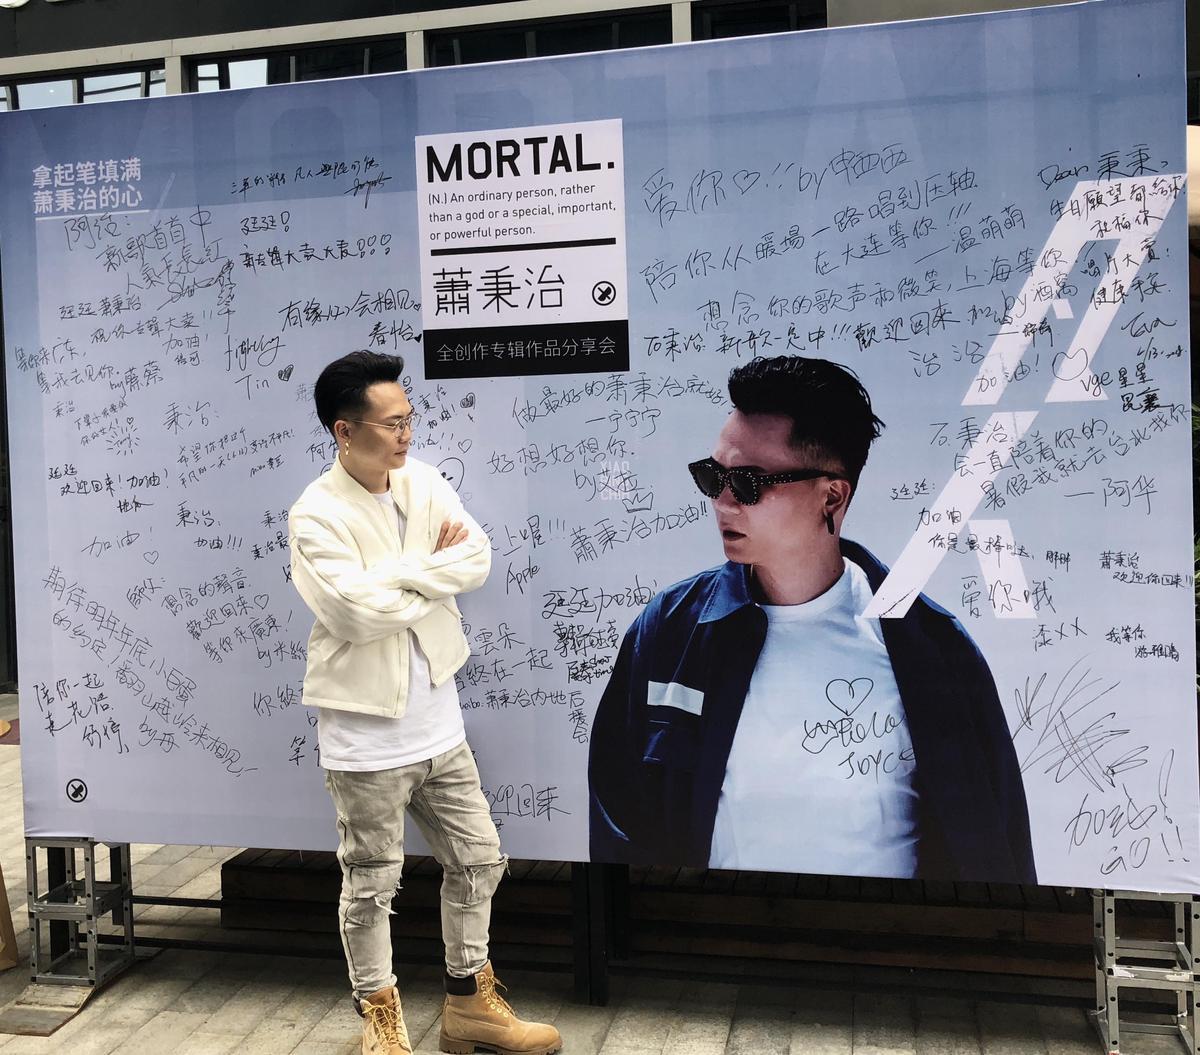 為了回饋台灣歌迷,蕭秉治8月18日將舉辦免費戶外新歌演唱會。(相信音樂提供)